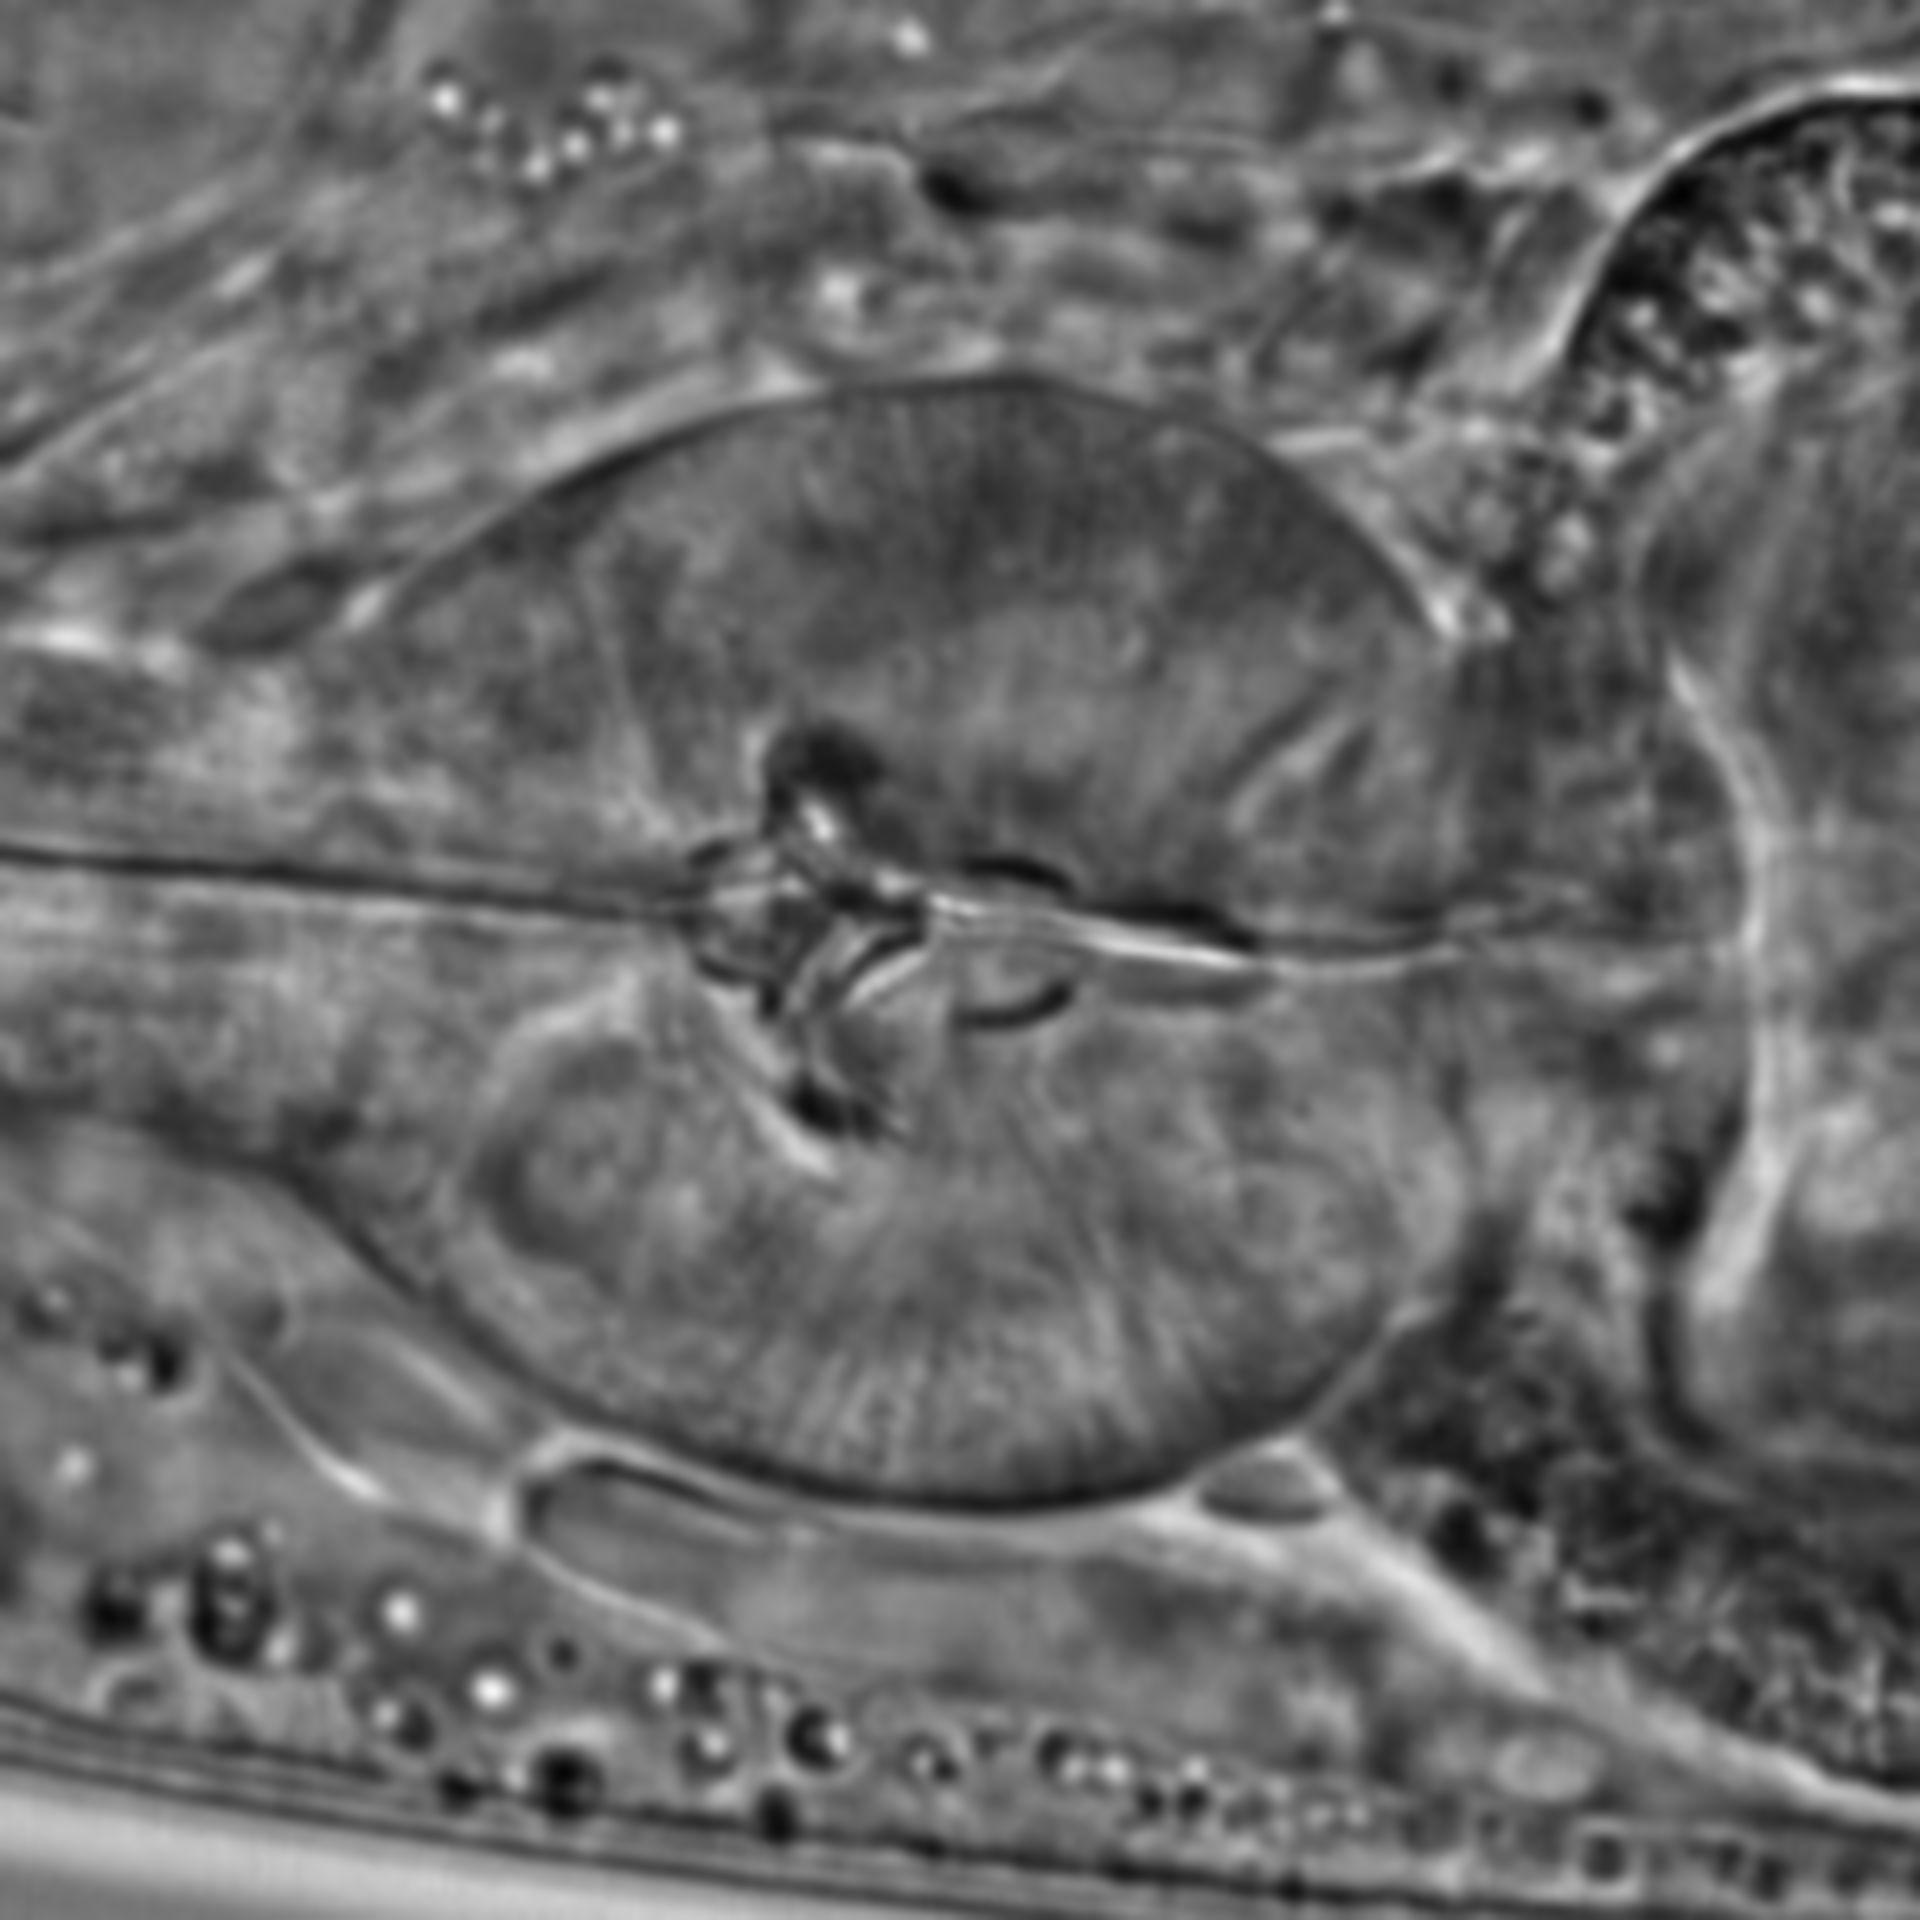 Caenorhabditis elegans - CIL:1587